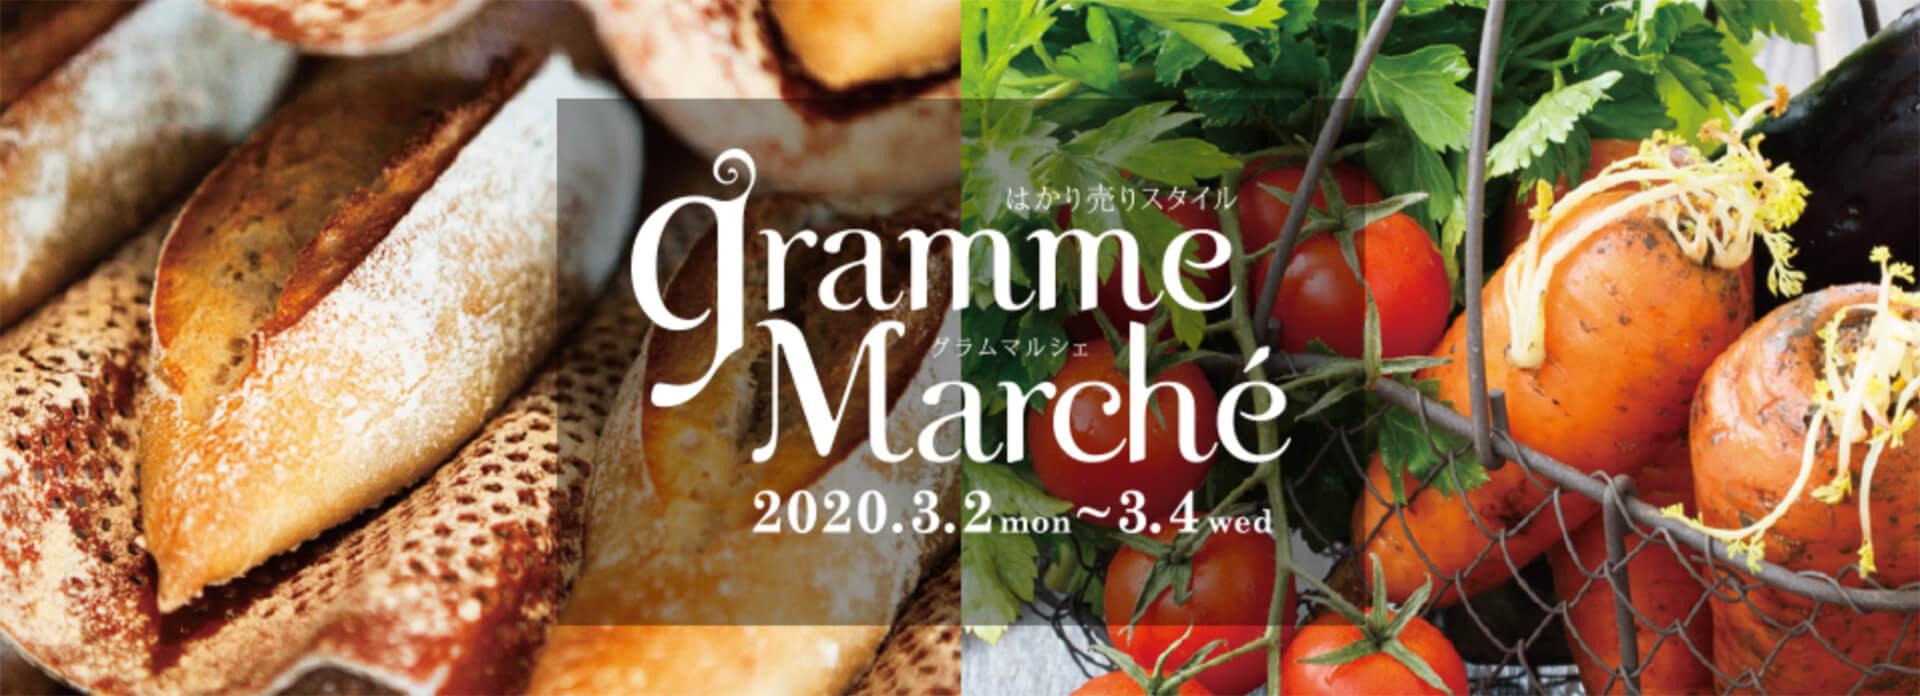 丸の内 gramme Marche